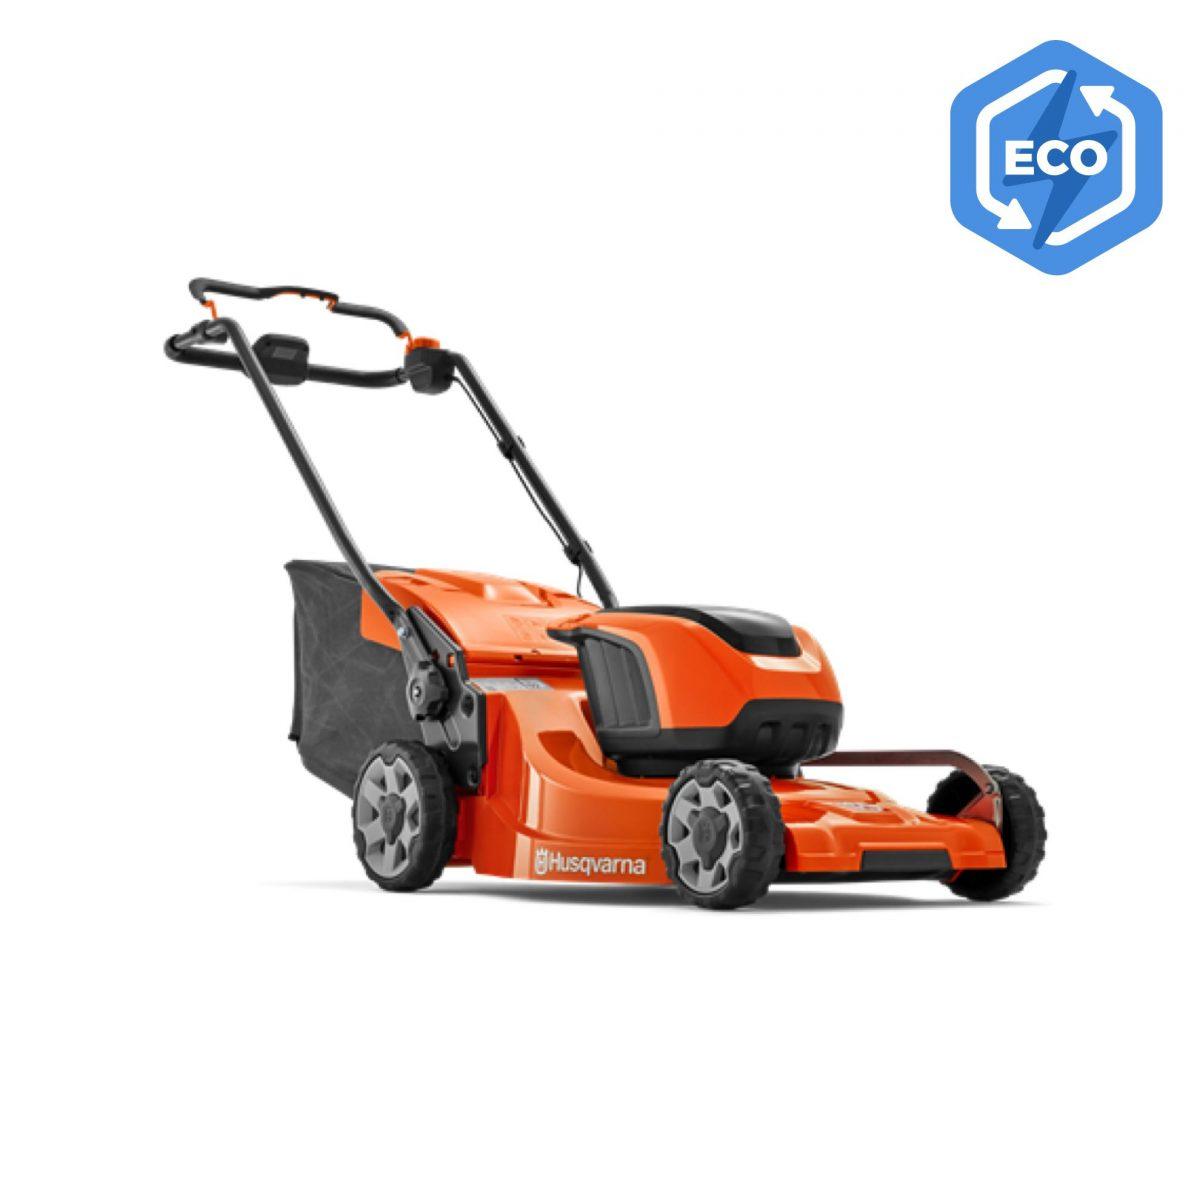 Husqvarna LC247iX Lawn Mower